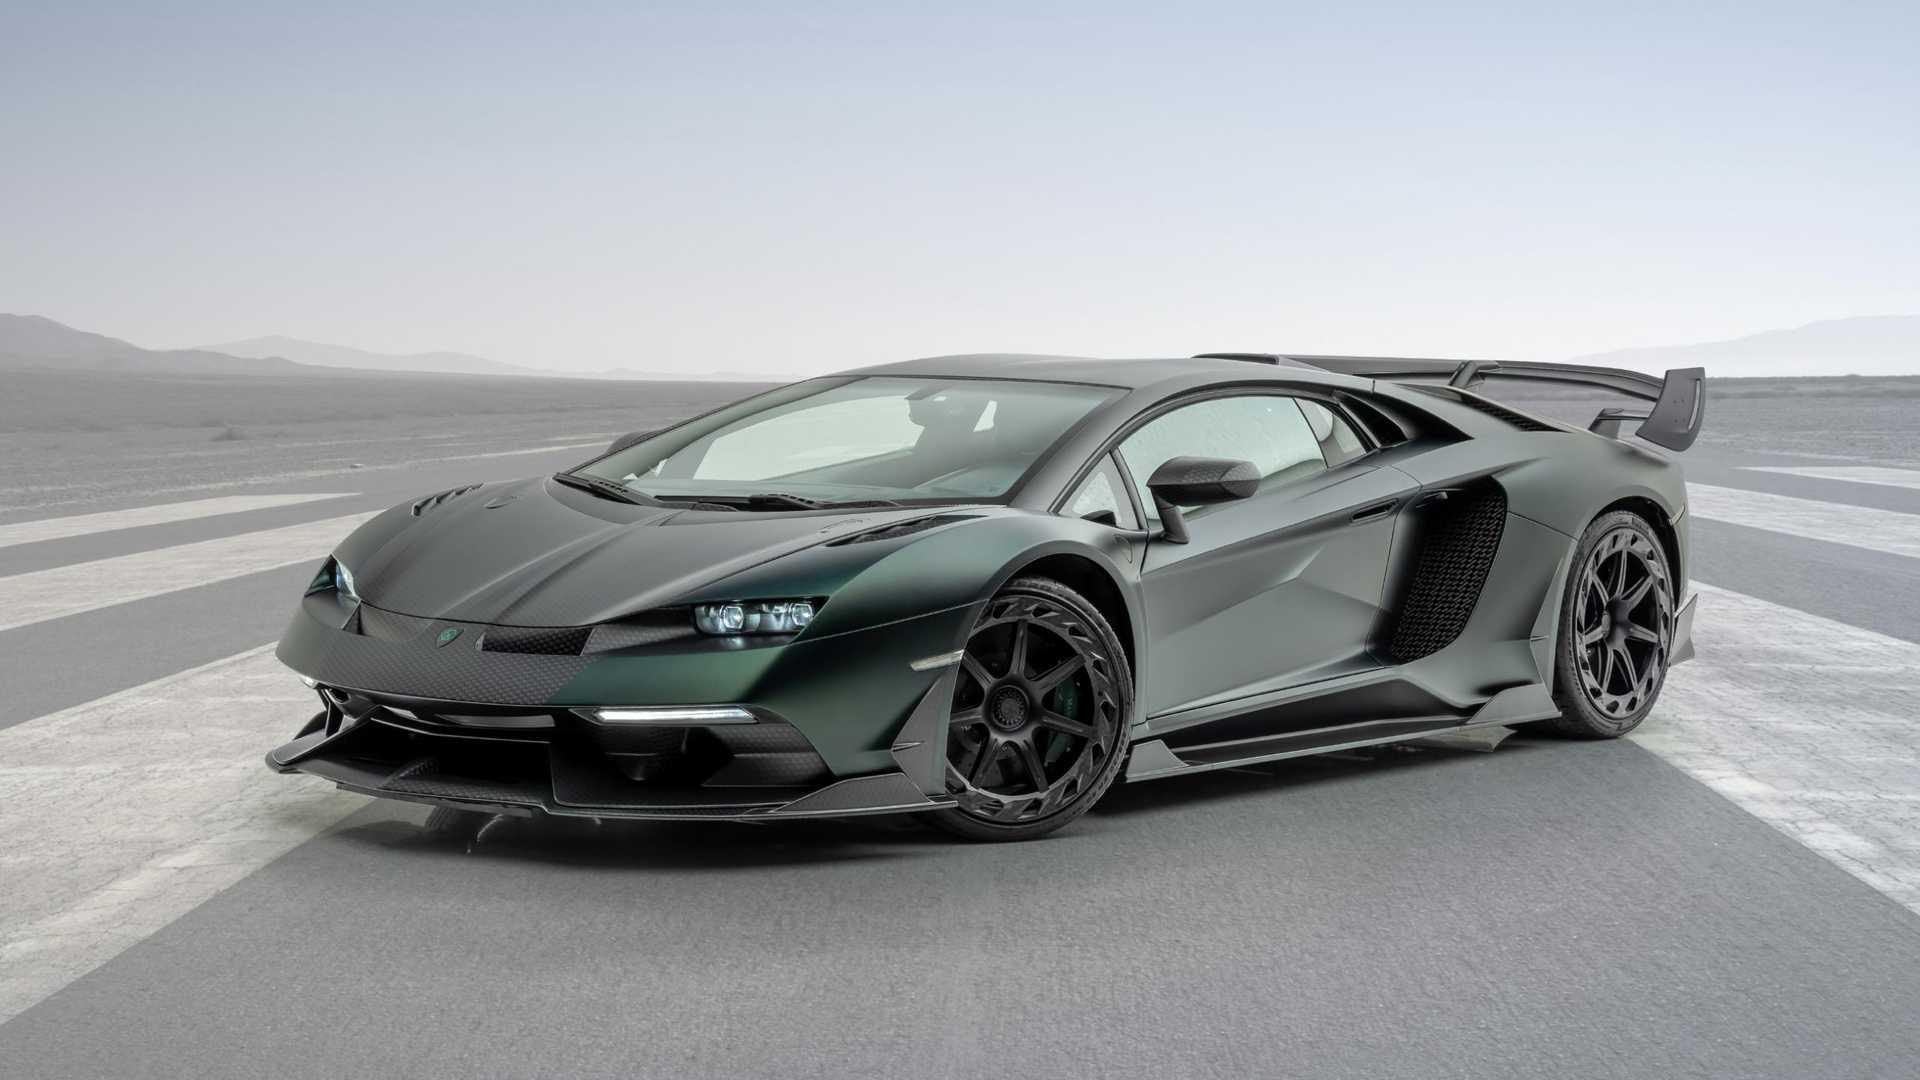 Mansory-Cabrera-Lamborghini-Aventador-SVJ-1